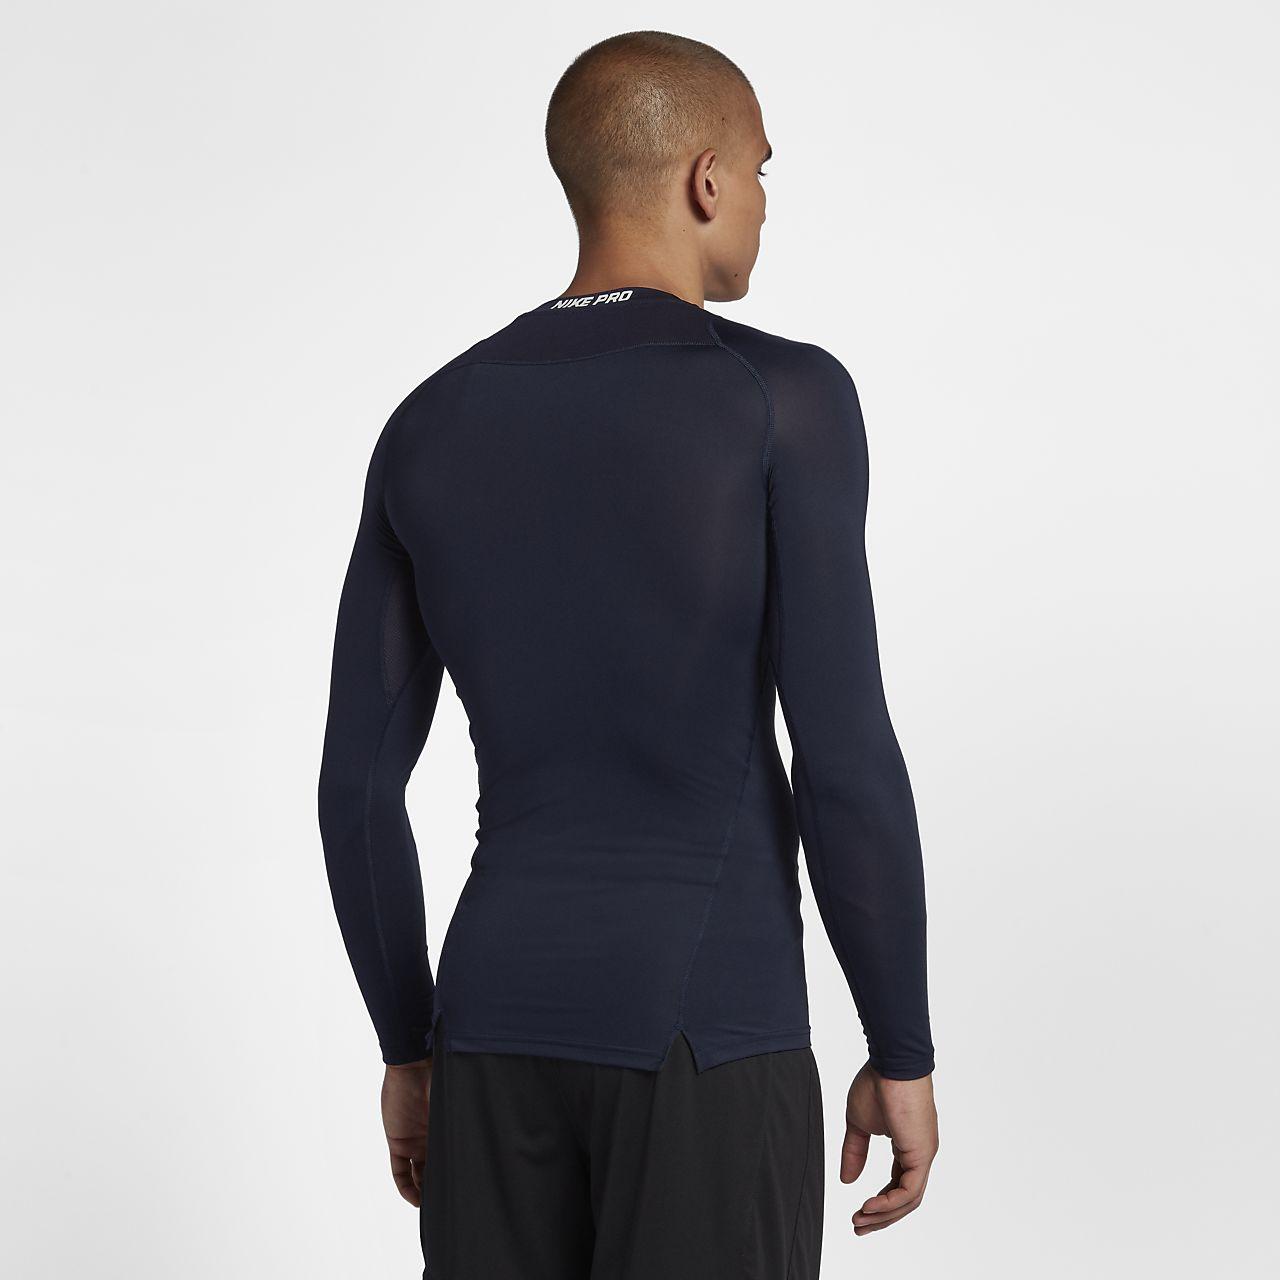 hot sale online 0bb28 77af1 ... Långärmad tröja Nike Pro för män